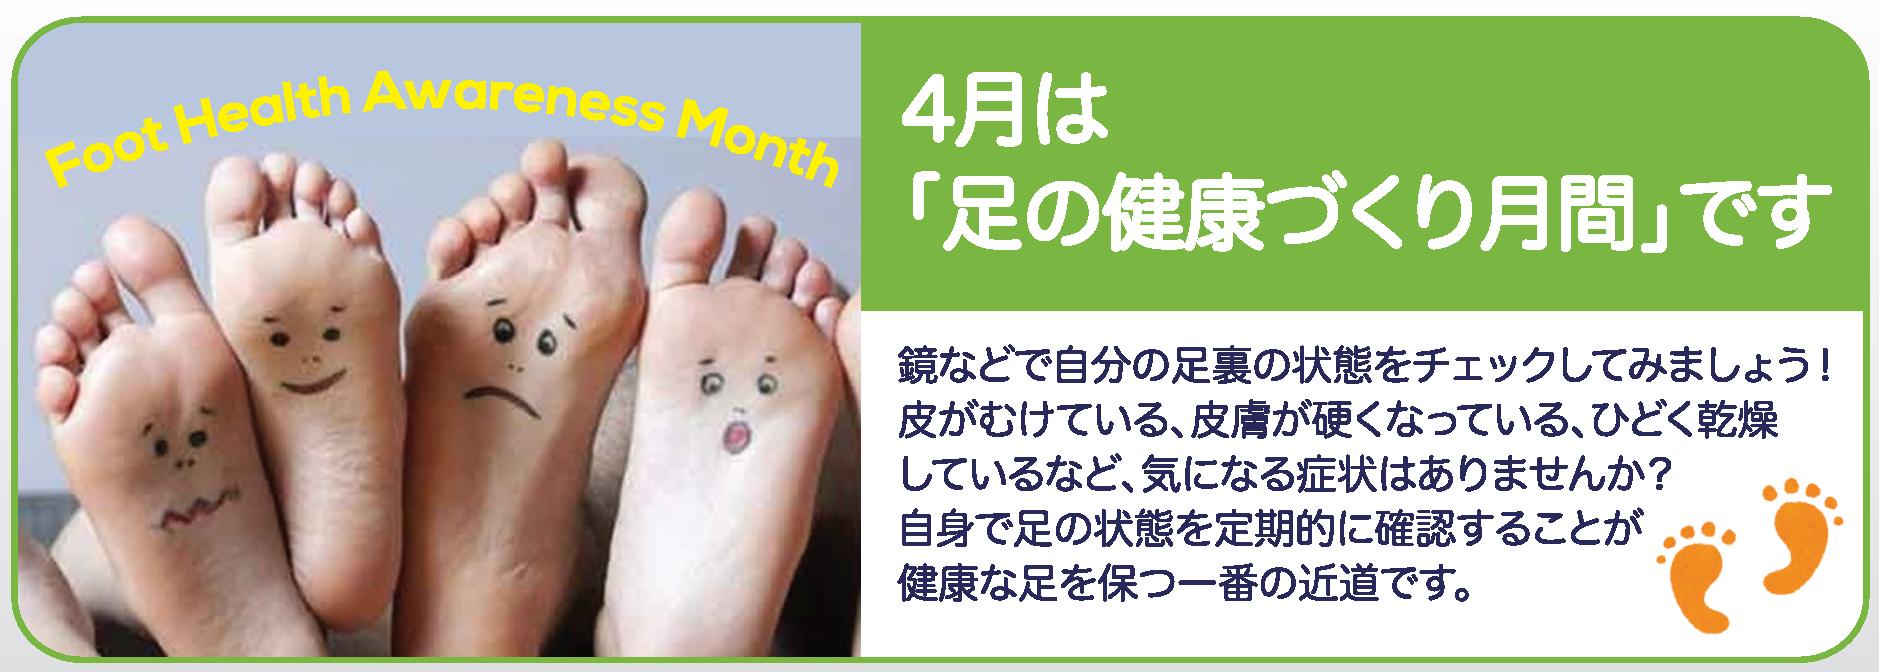 4月は「足の健康づくり月間」です!